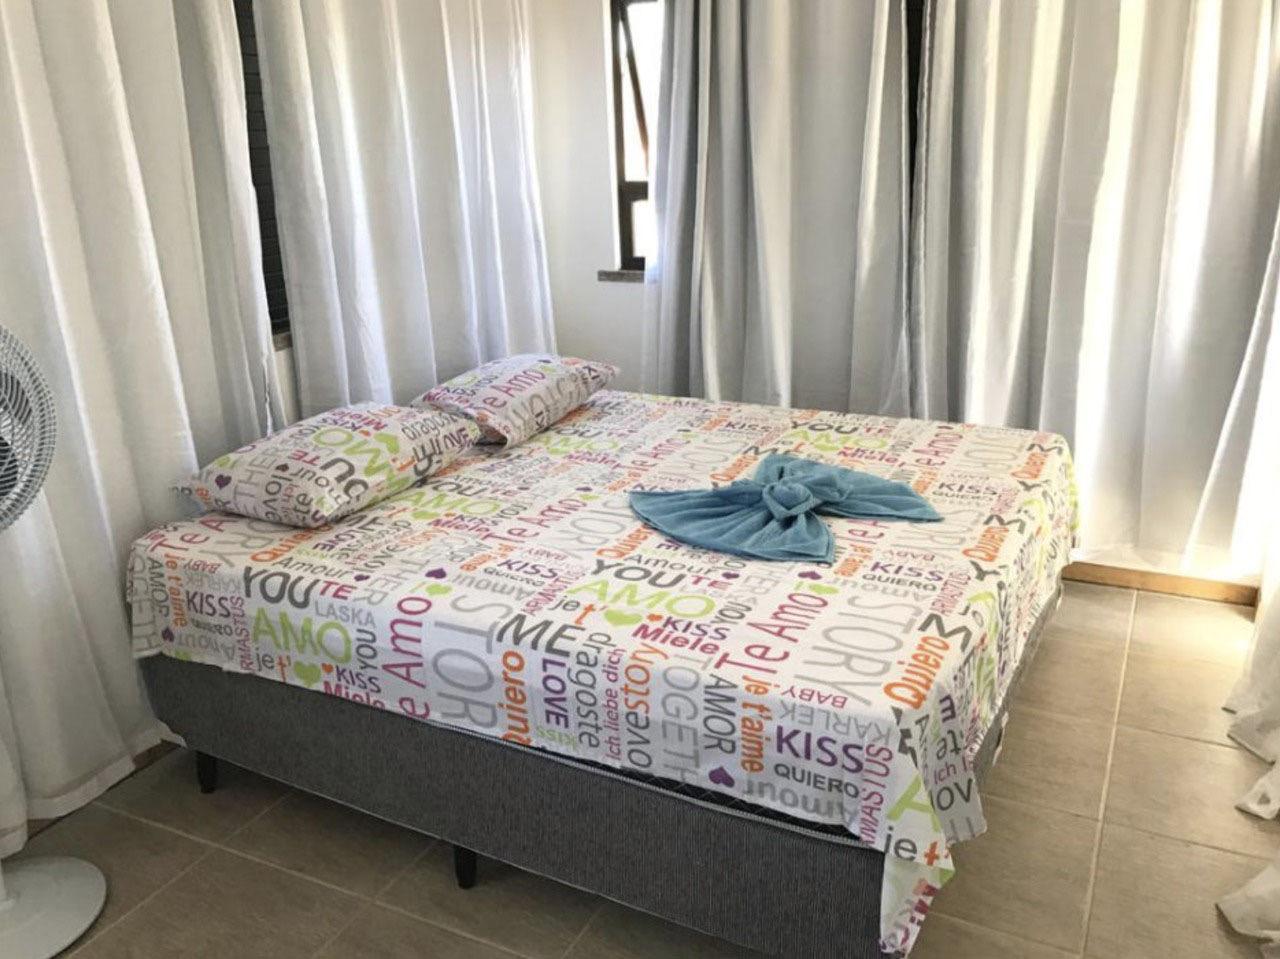 2 diárias em Flat para até 6 adultos e 3 crianças até 6 anos de R$1150 por apenas R$899